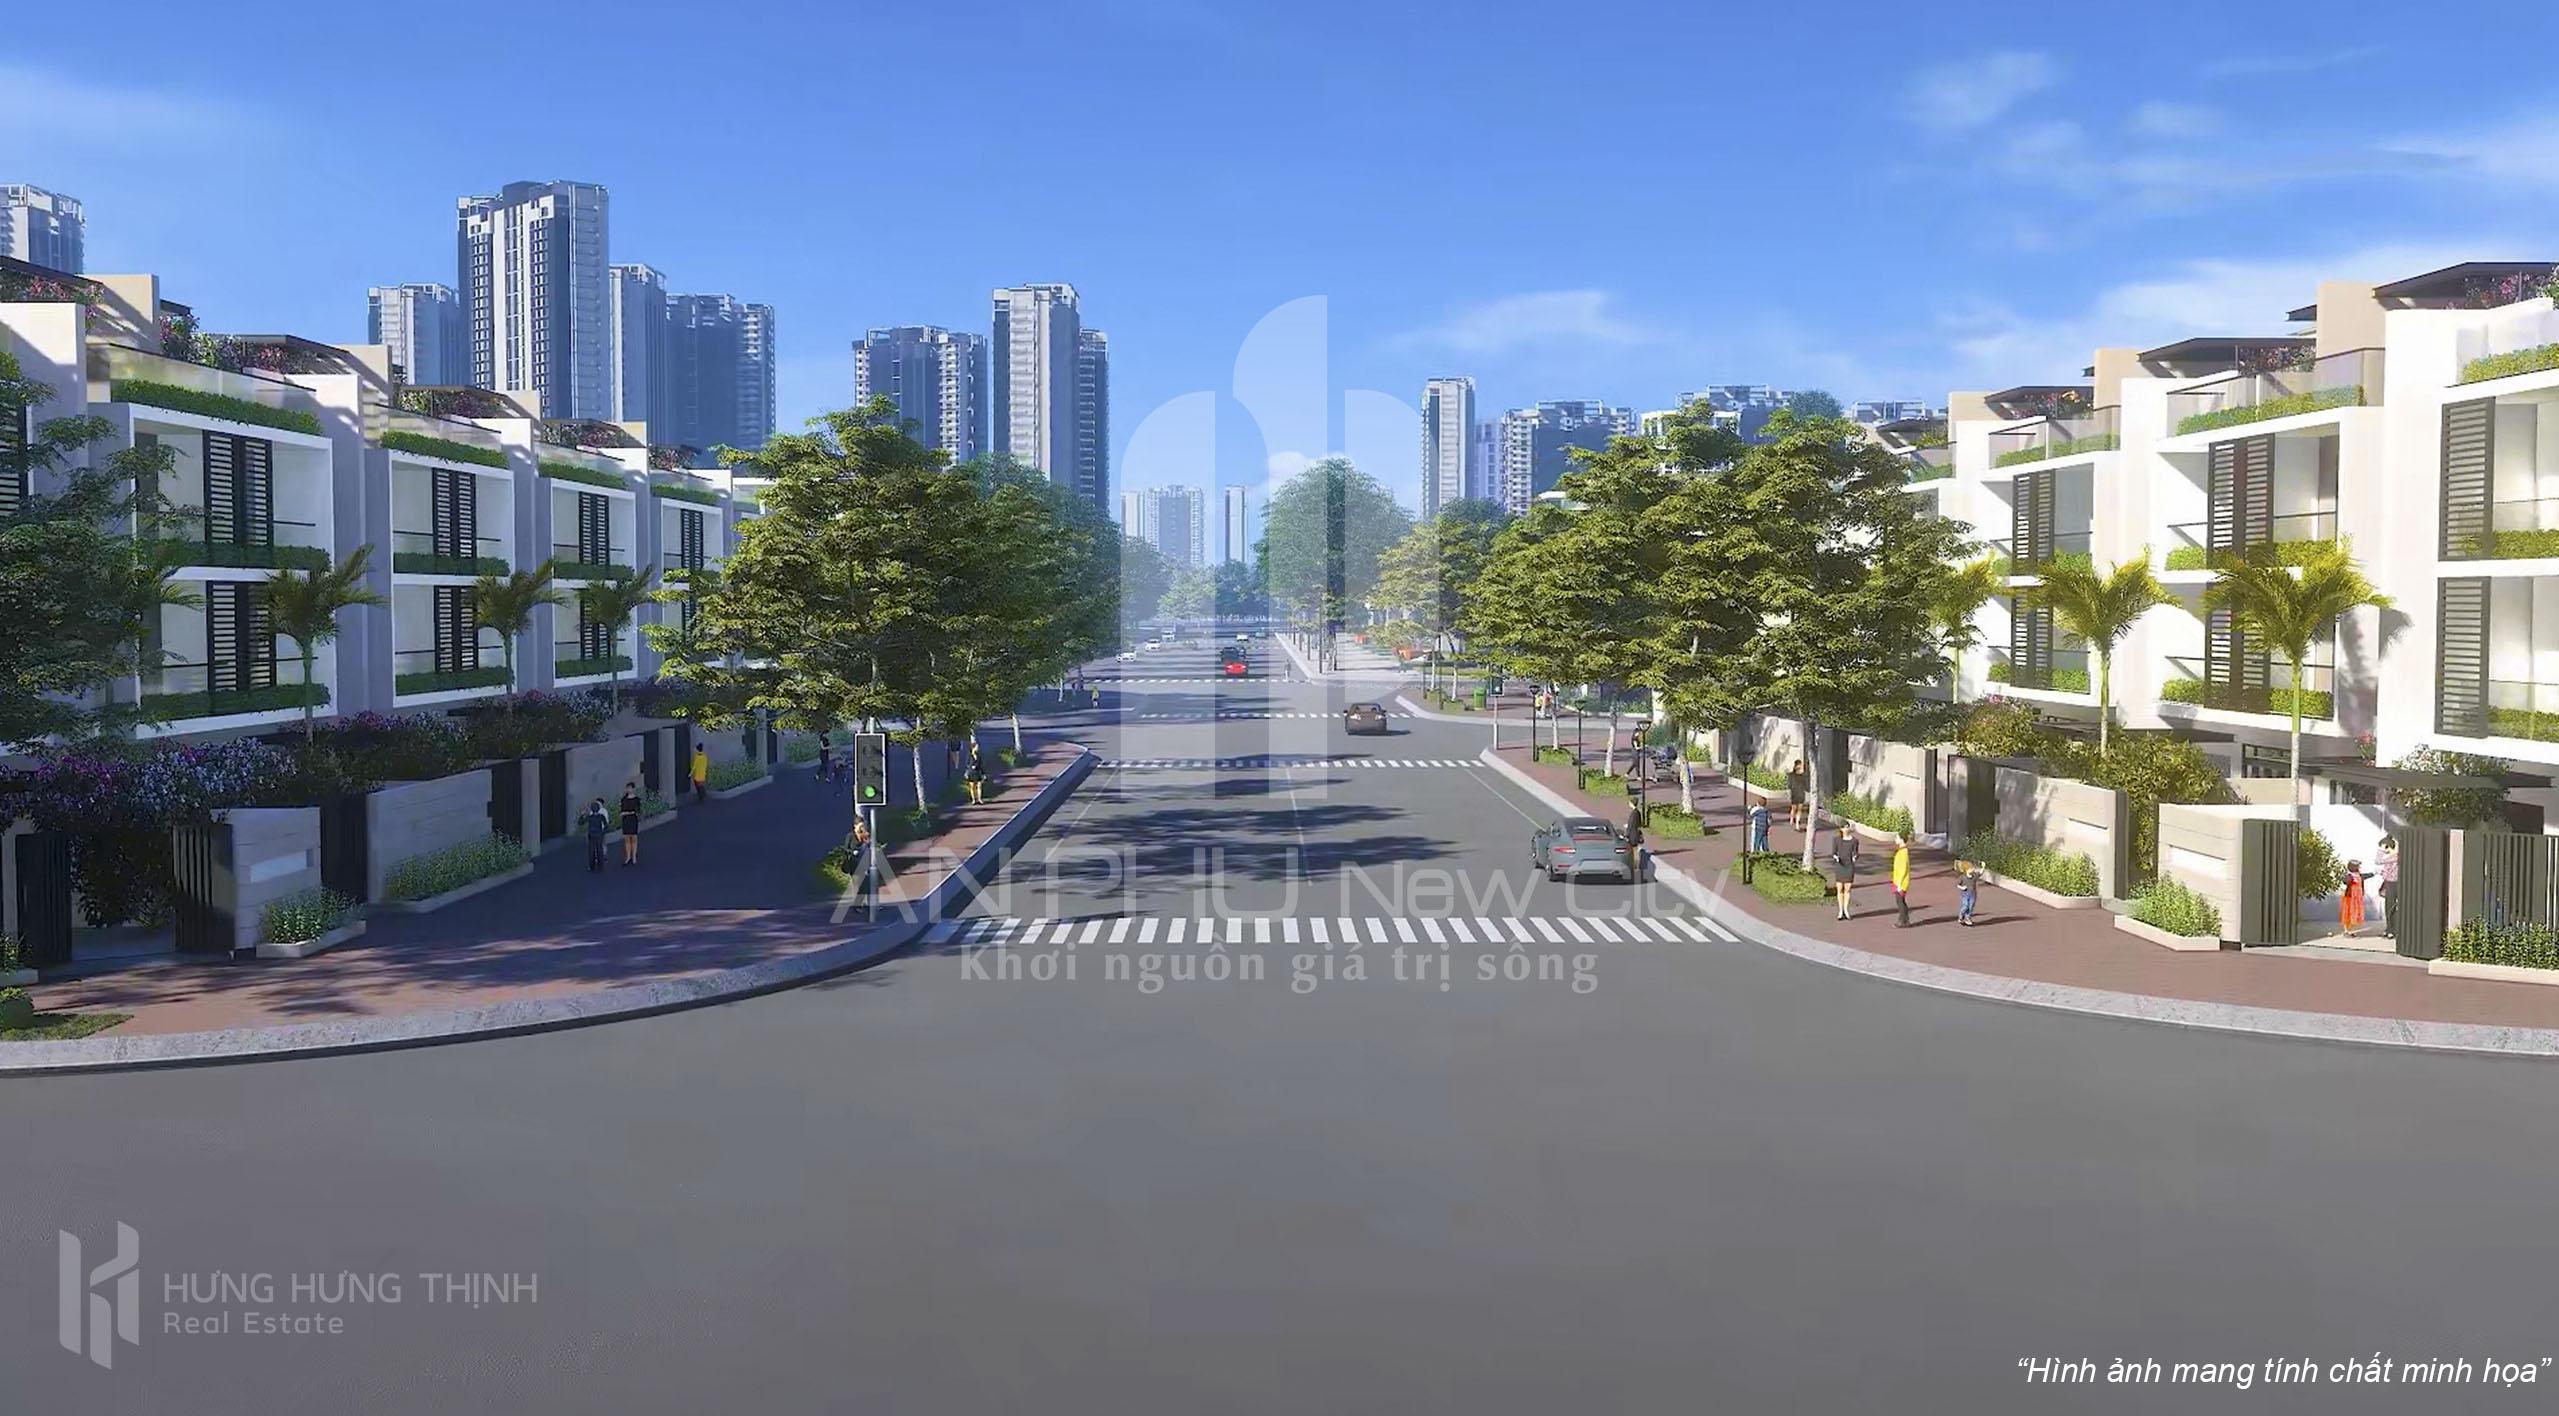 Bốn điểm nhấn đầu tư tại An Phu New City